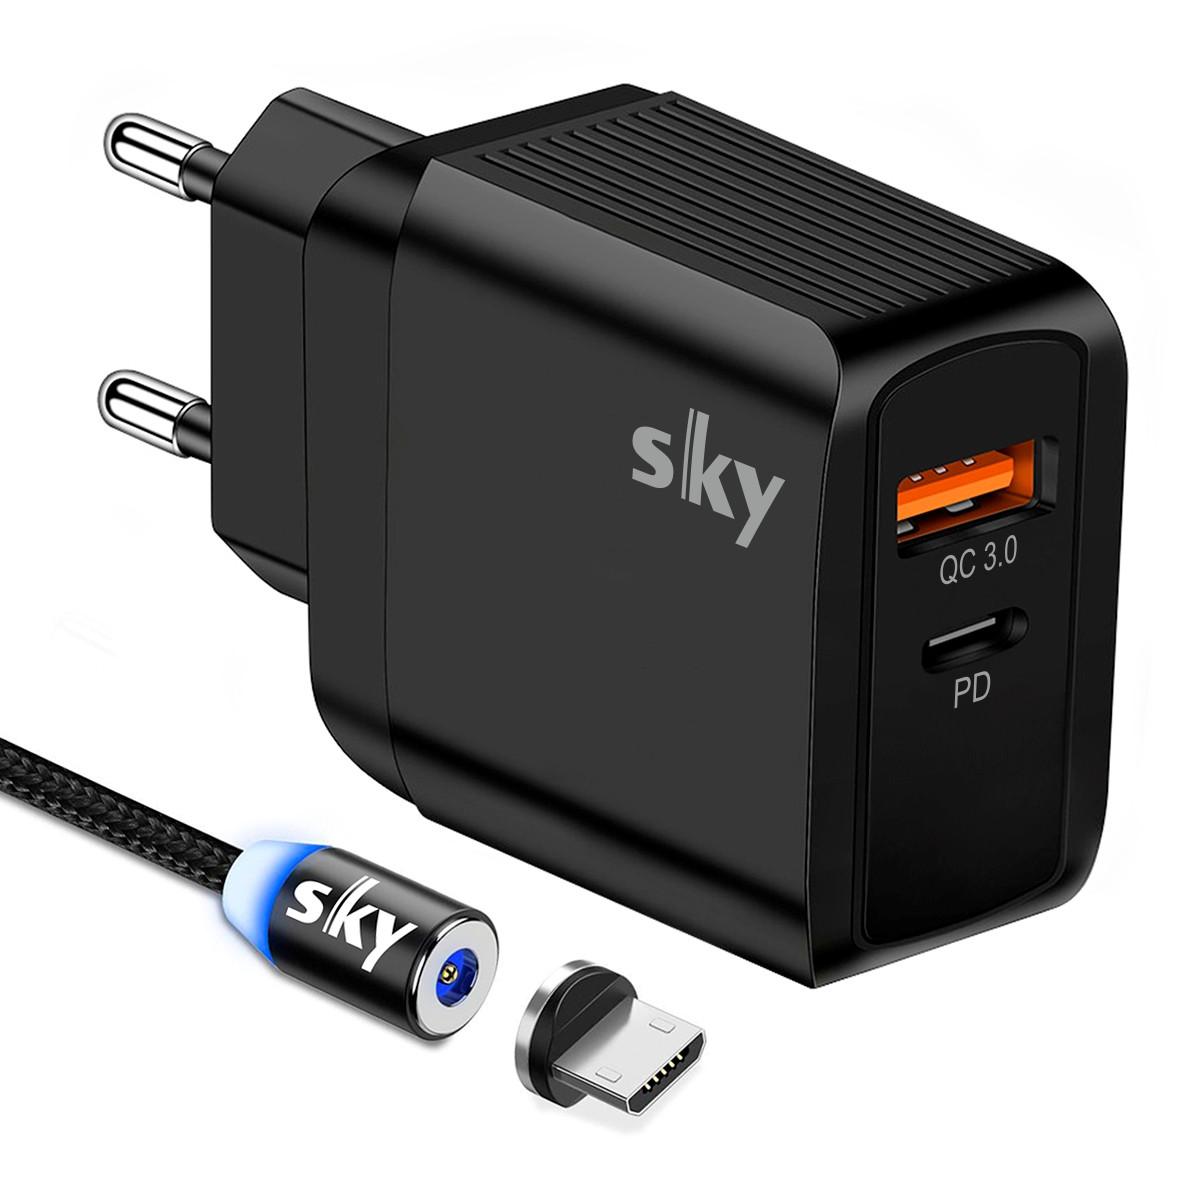 Зарядное устройство SKY (E 05) QC / PD (20W) Black